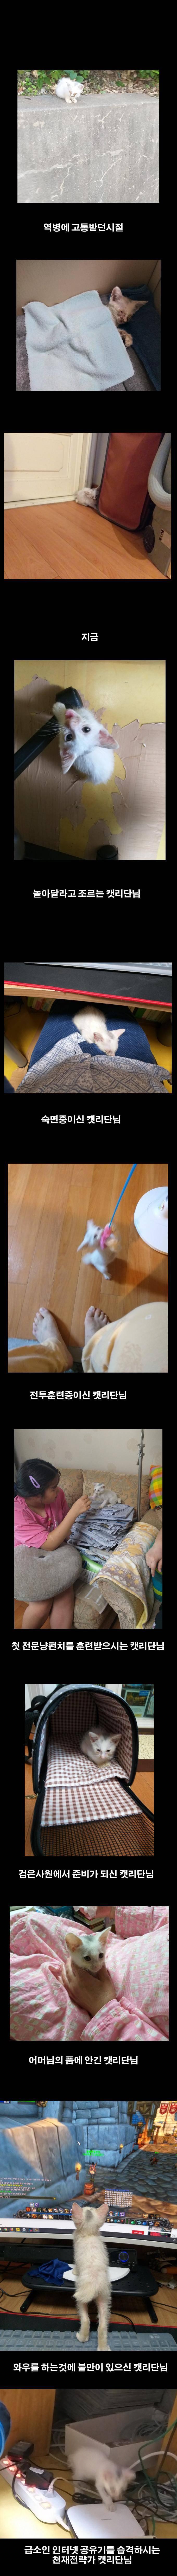 역병고양이를 주워서 휴재하는 만화 | 인스티즈